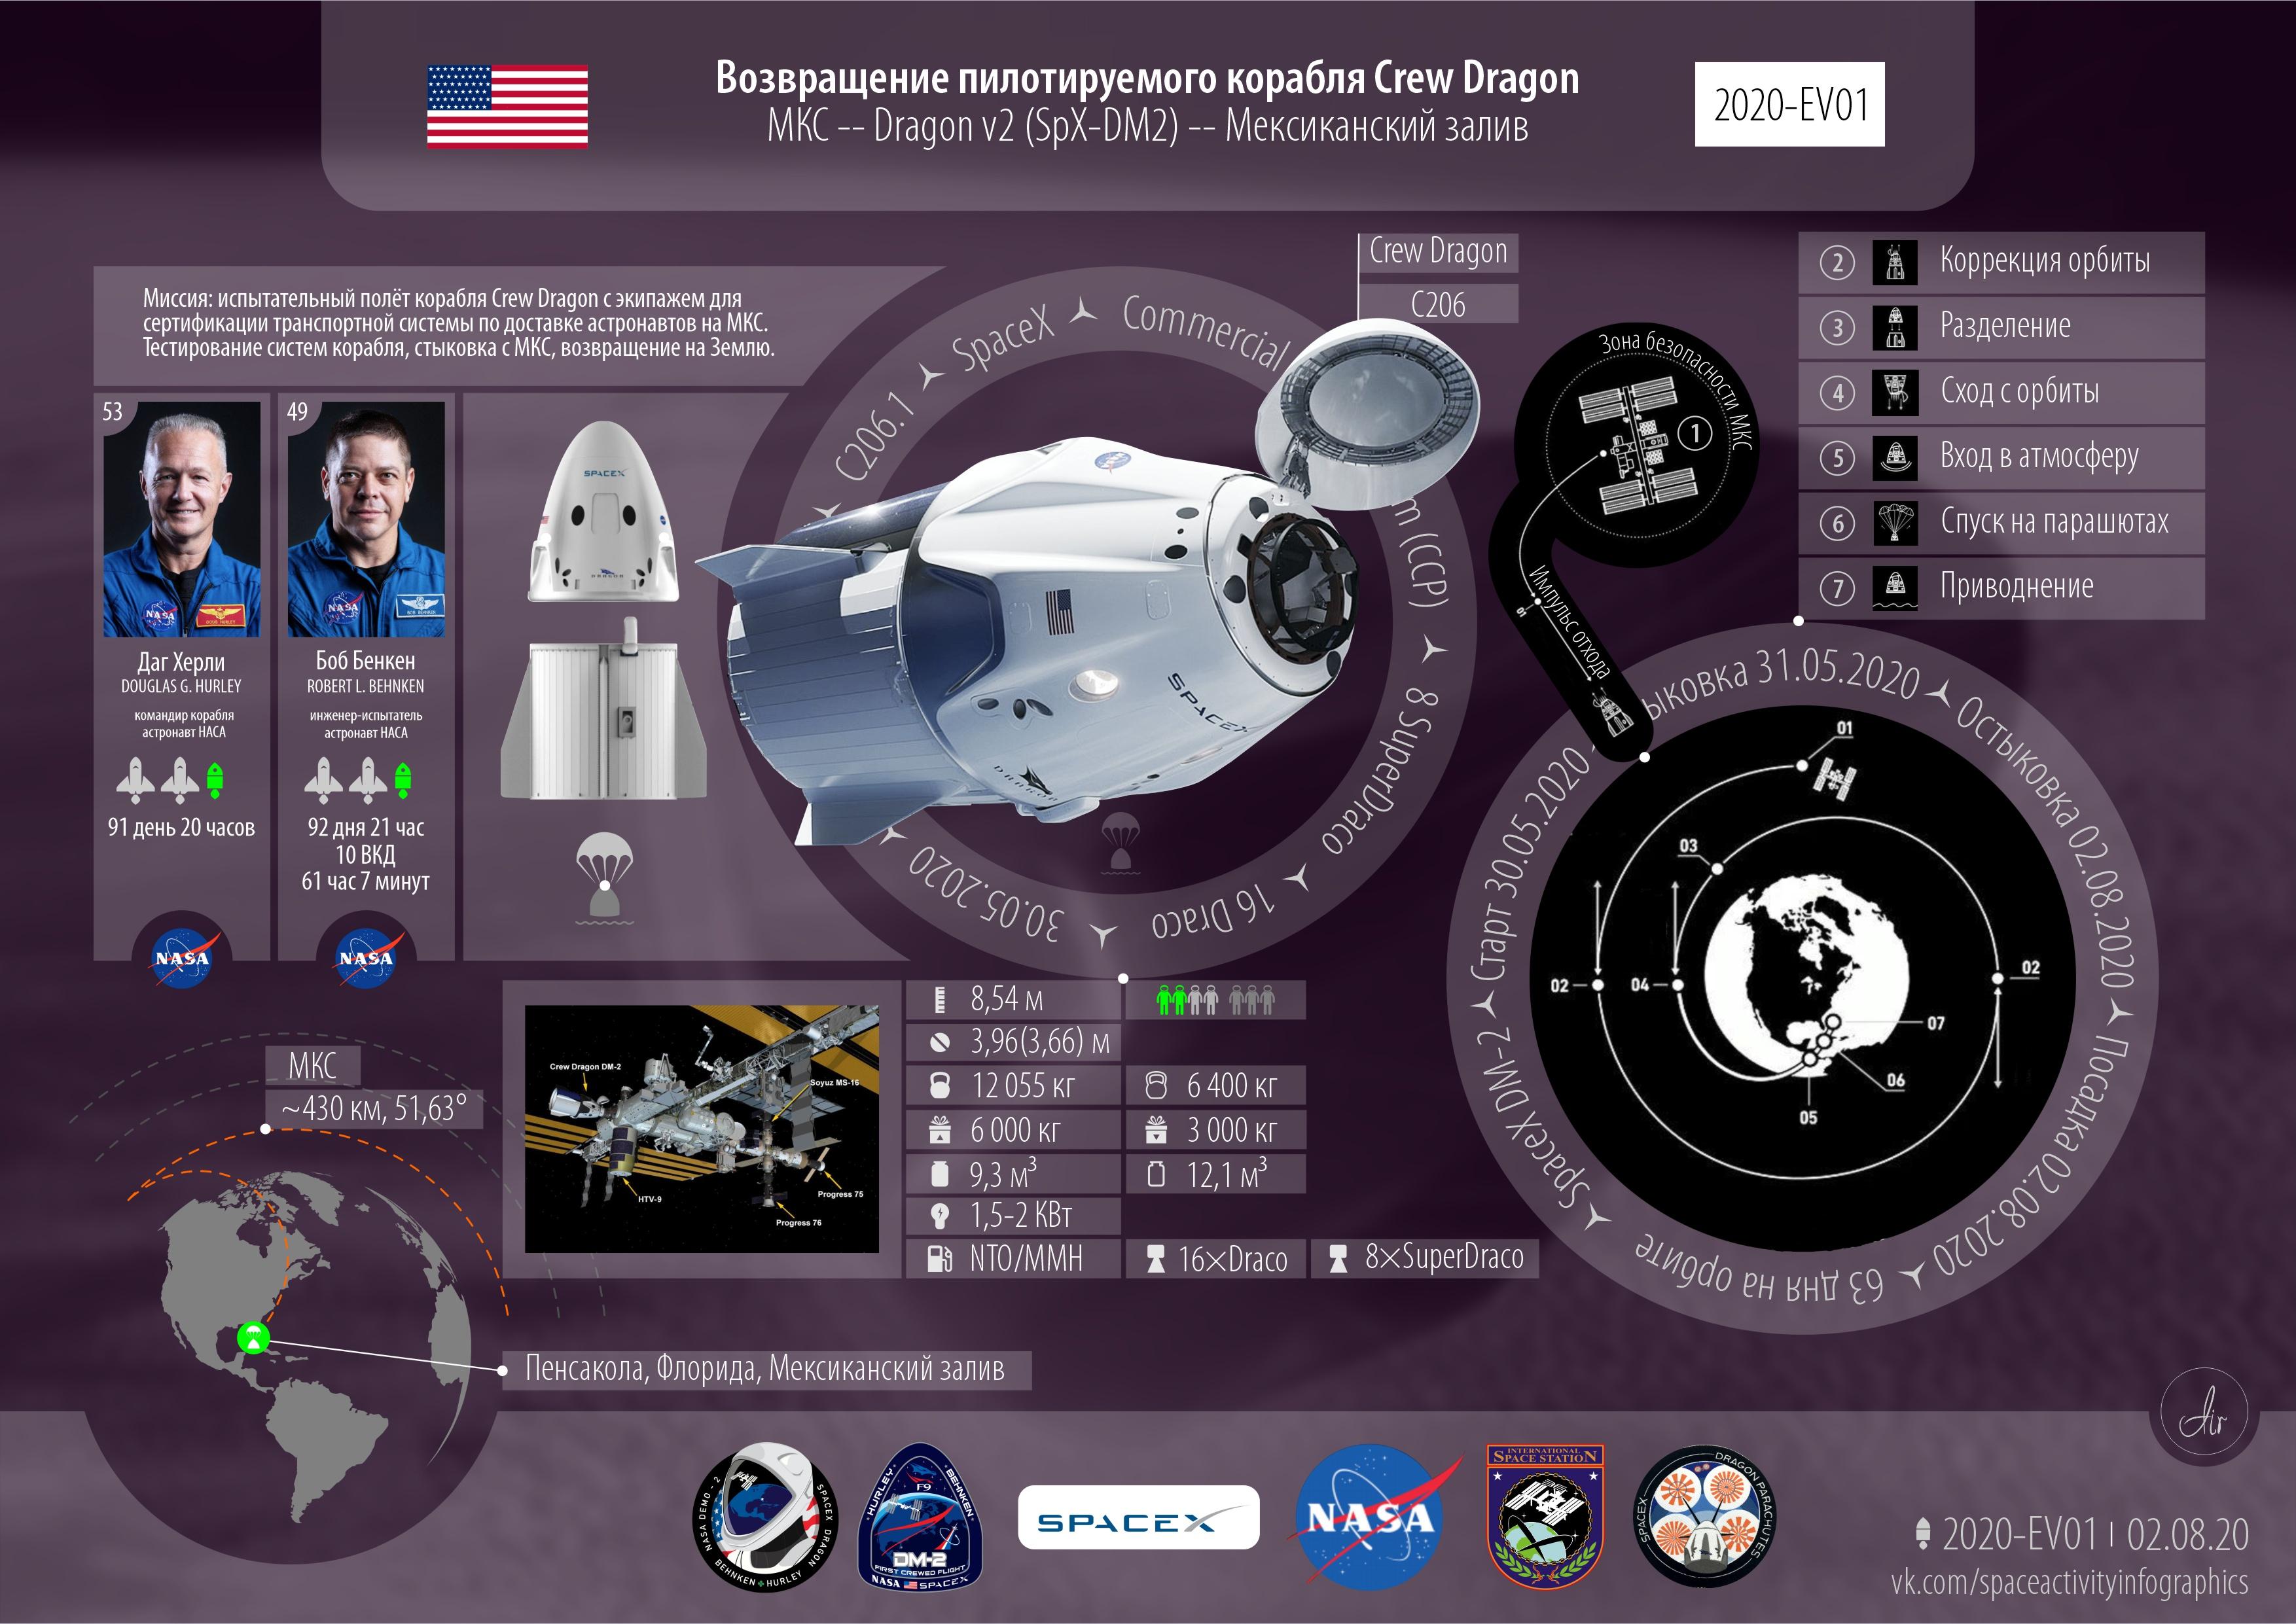 Событие года. 2020 успешное возвращение пилотируемого корабля Crew Dragon Endeavour в миссии Demo-2